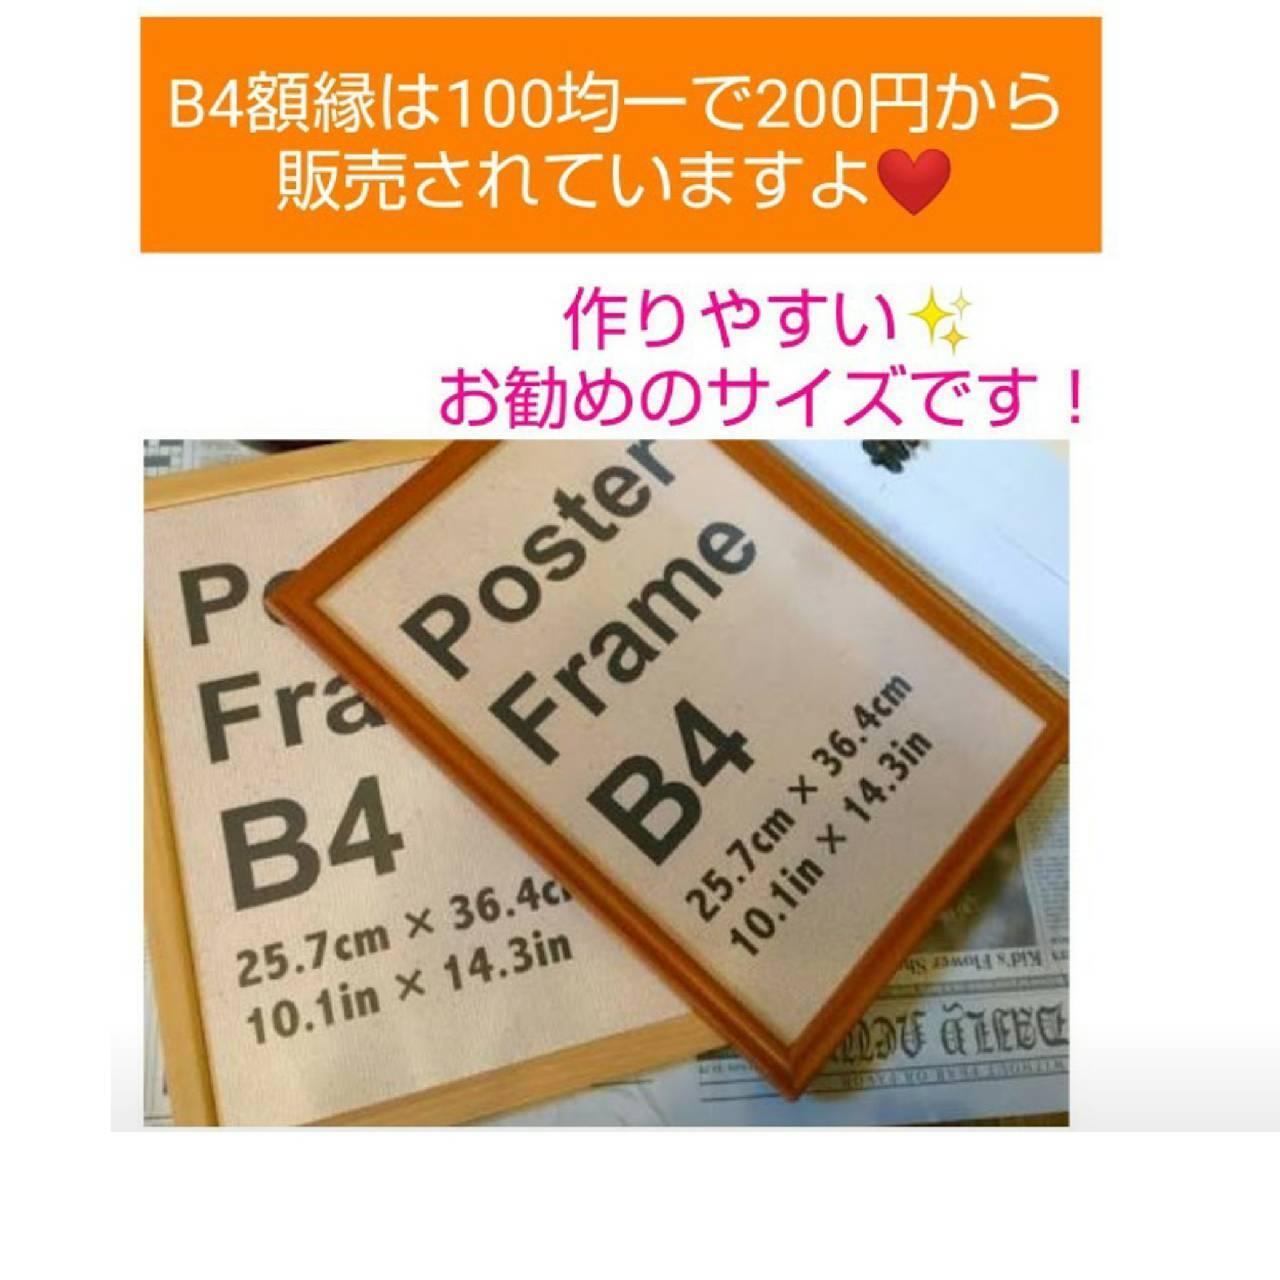 B4:四角【s3915】フルダイヤモンドアート✨アレンジビーズ可✨